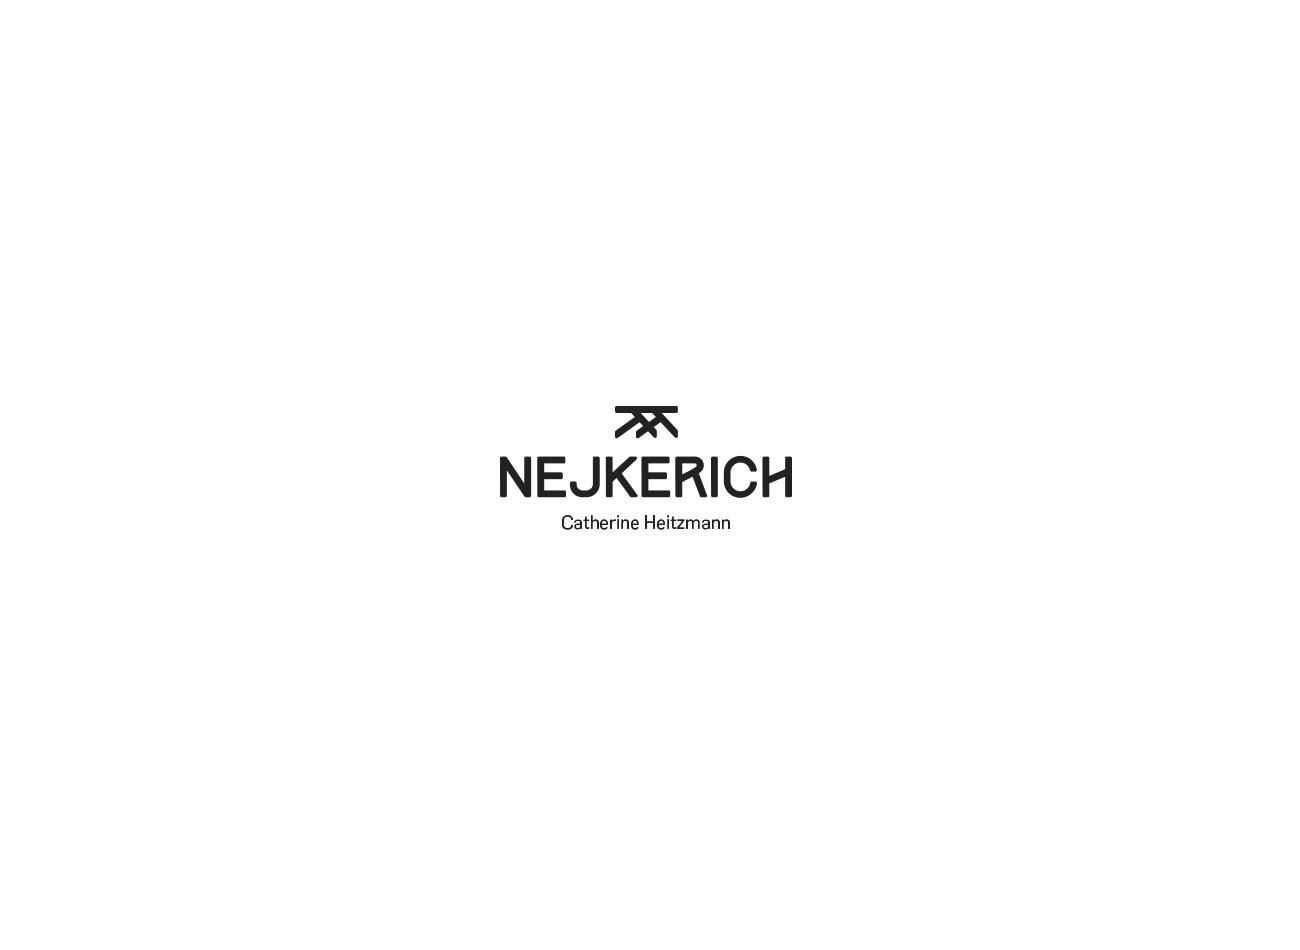 Identité visuelle Nejkerich